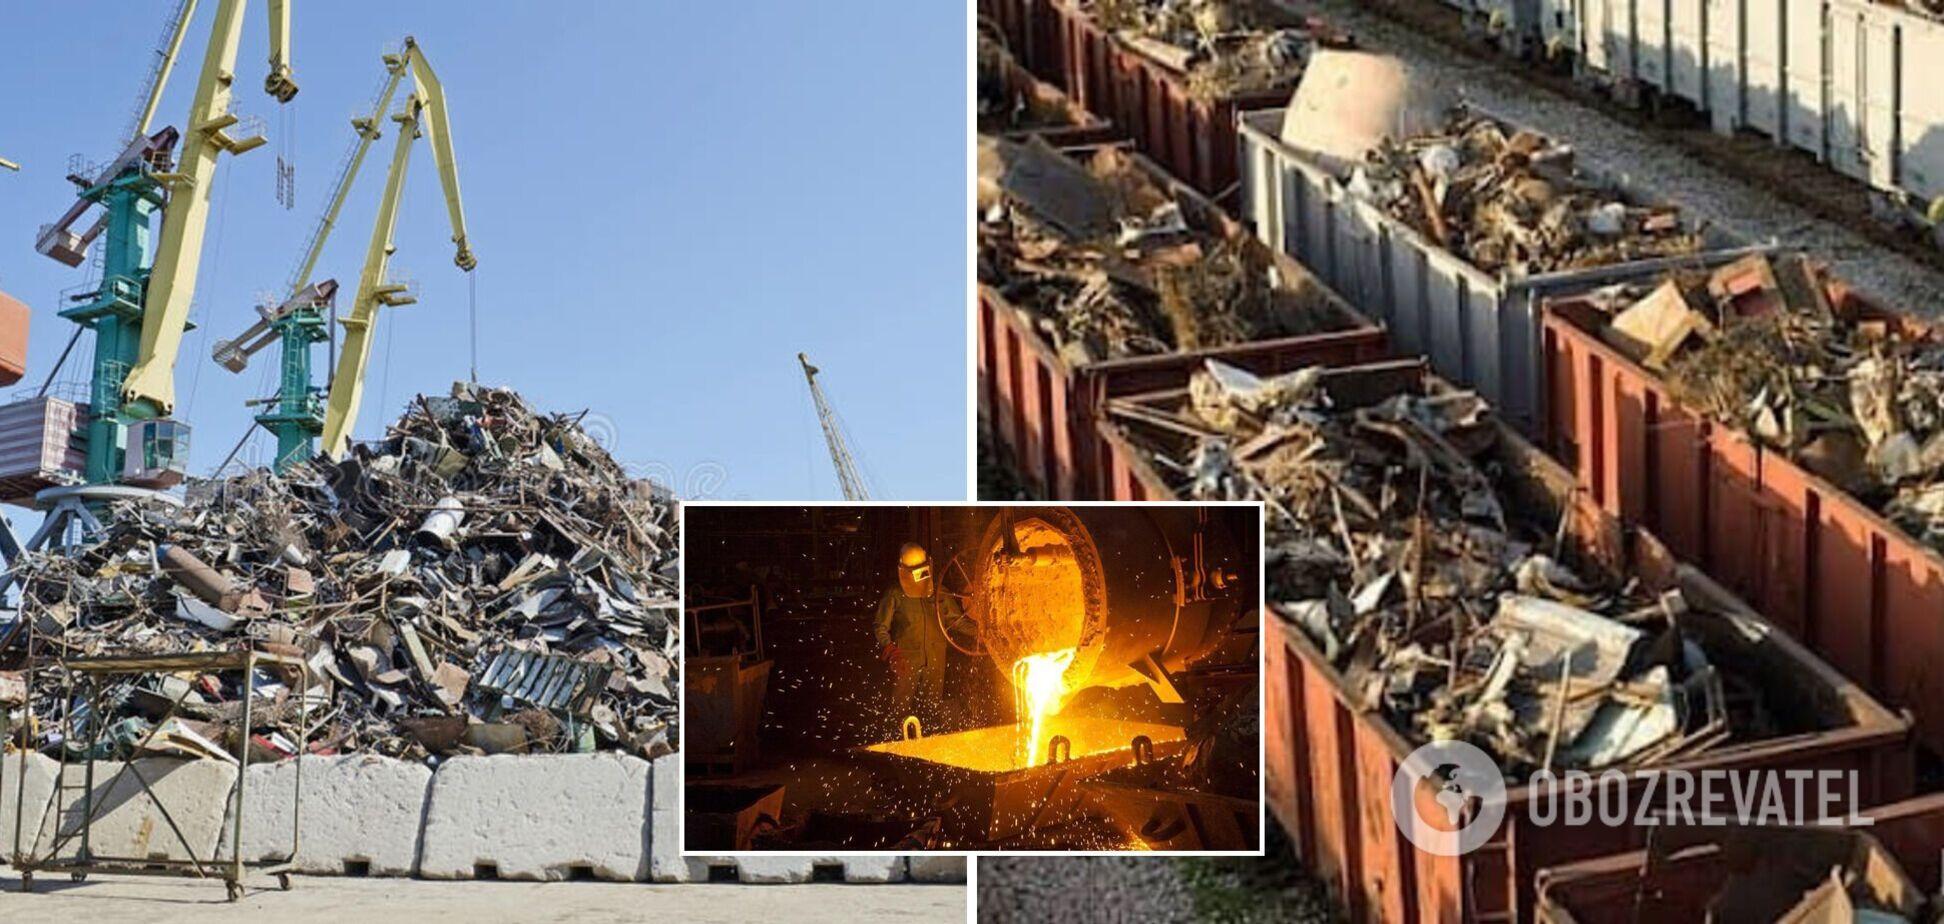 Україна втрачає гроші на експорті металобрухту, необхідно запровадити мораторій на вивезення сировини – нардеп